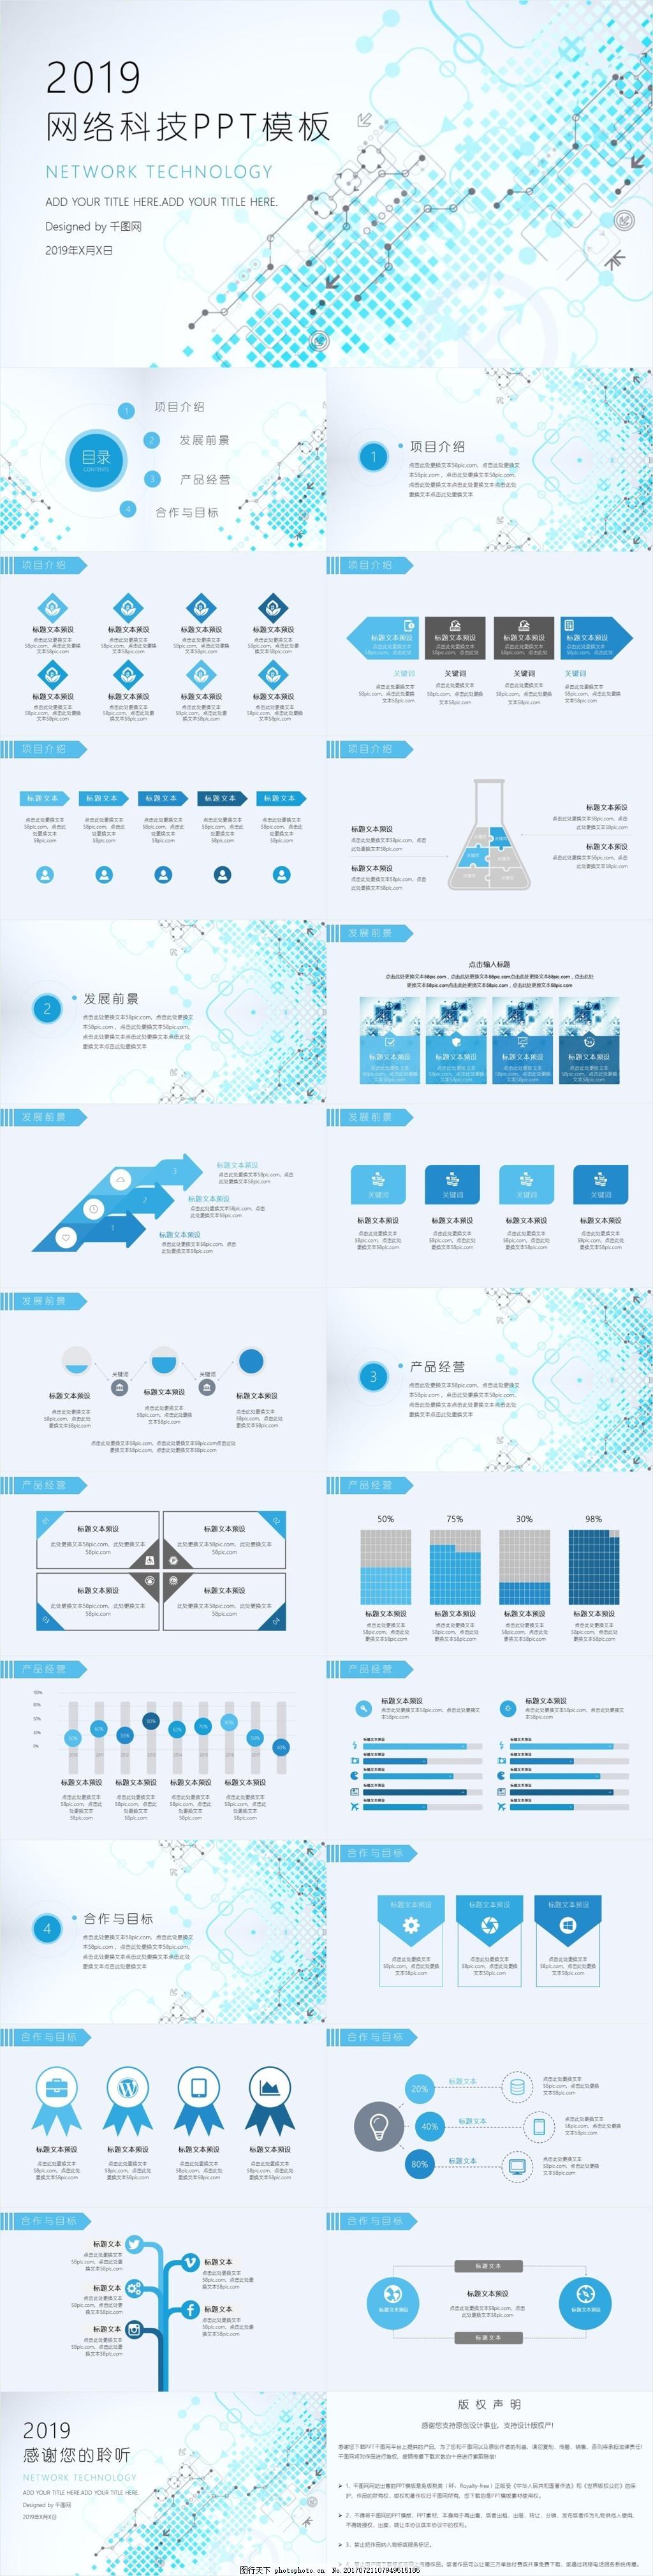 创意网络工作计划ppt模板 网络科技 信息技术 述职报告 通用模板